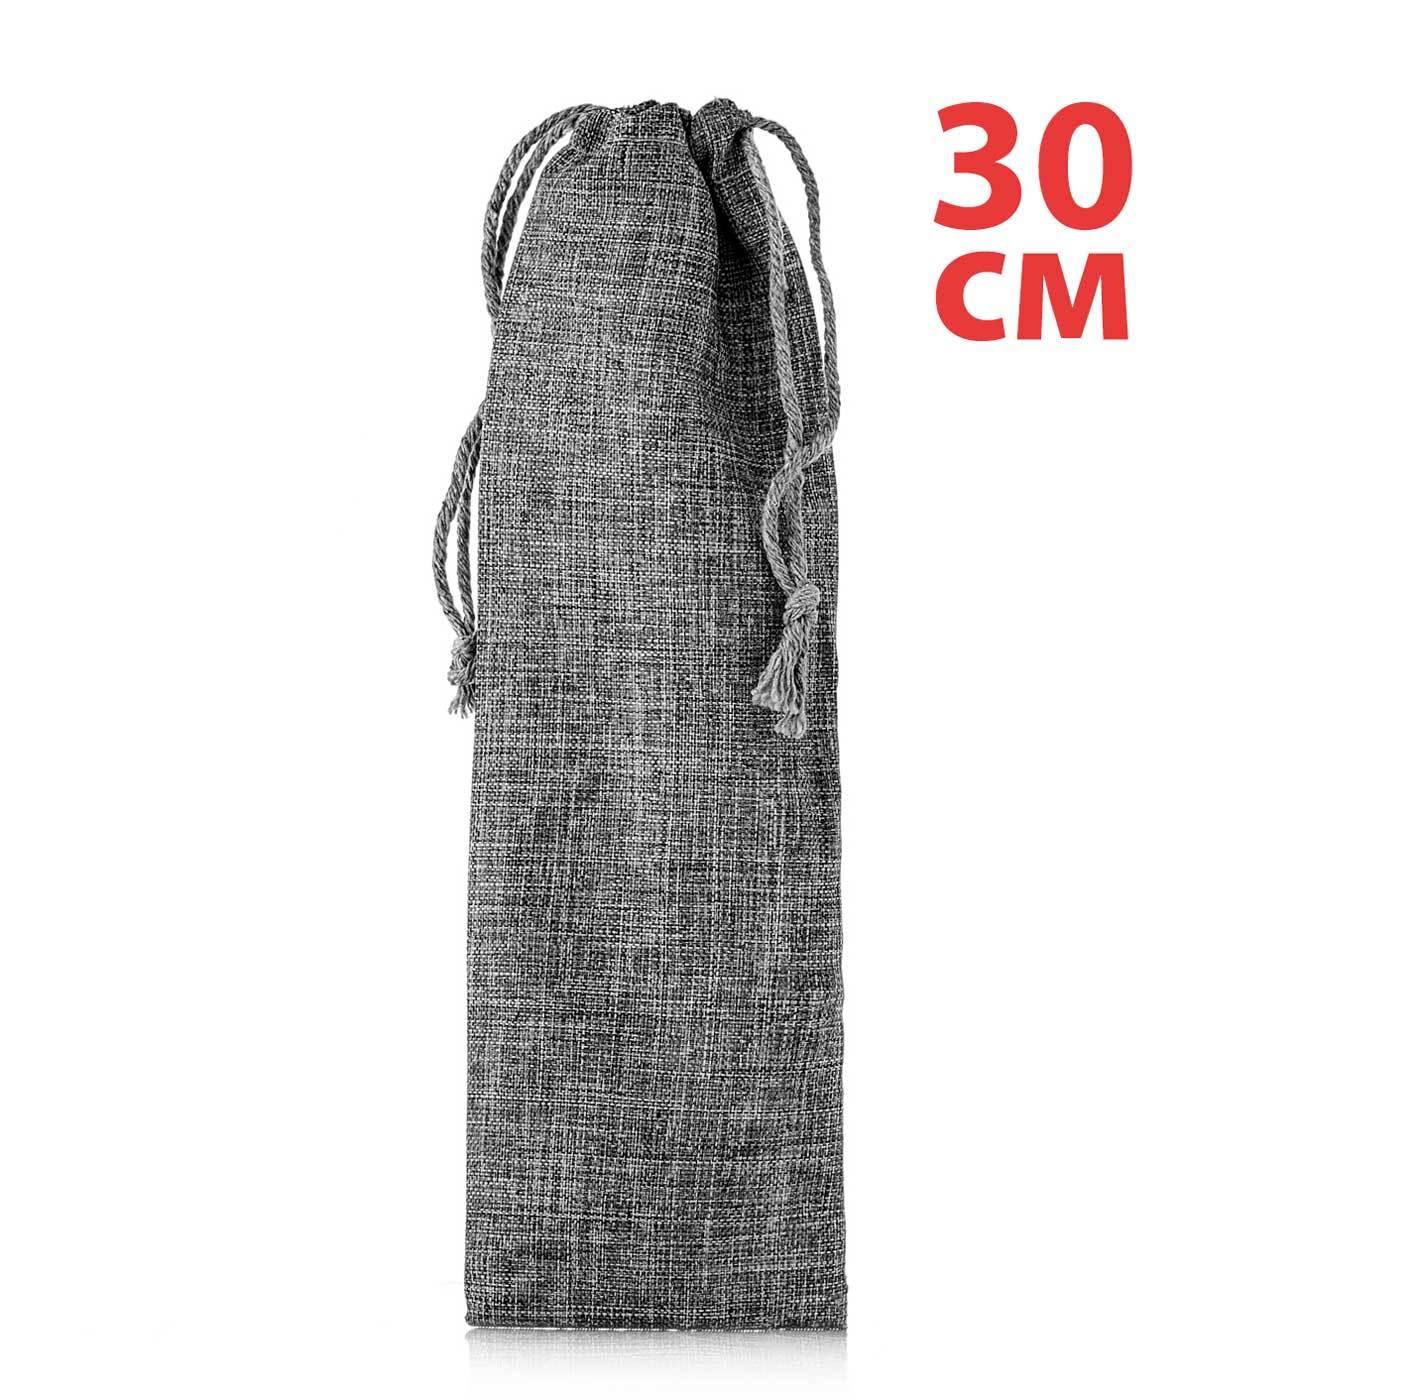 Аксессуары Мешочек 30 см для хранения трубочек, тканевый со шнурком для завязывания meshochek-dlia-trubochek-teastar-bg.jpg